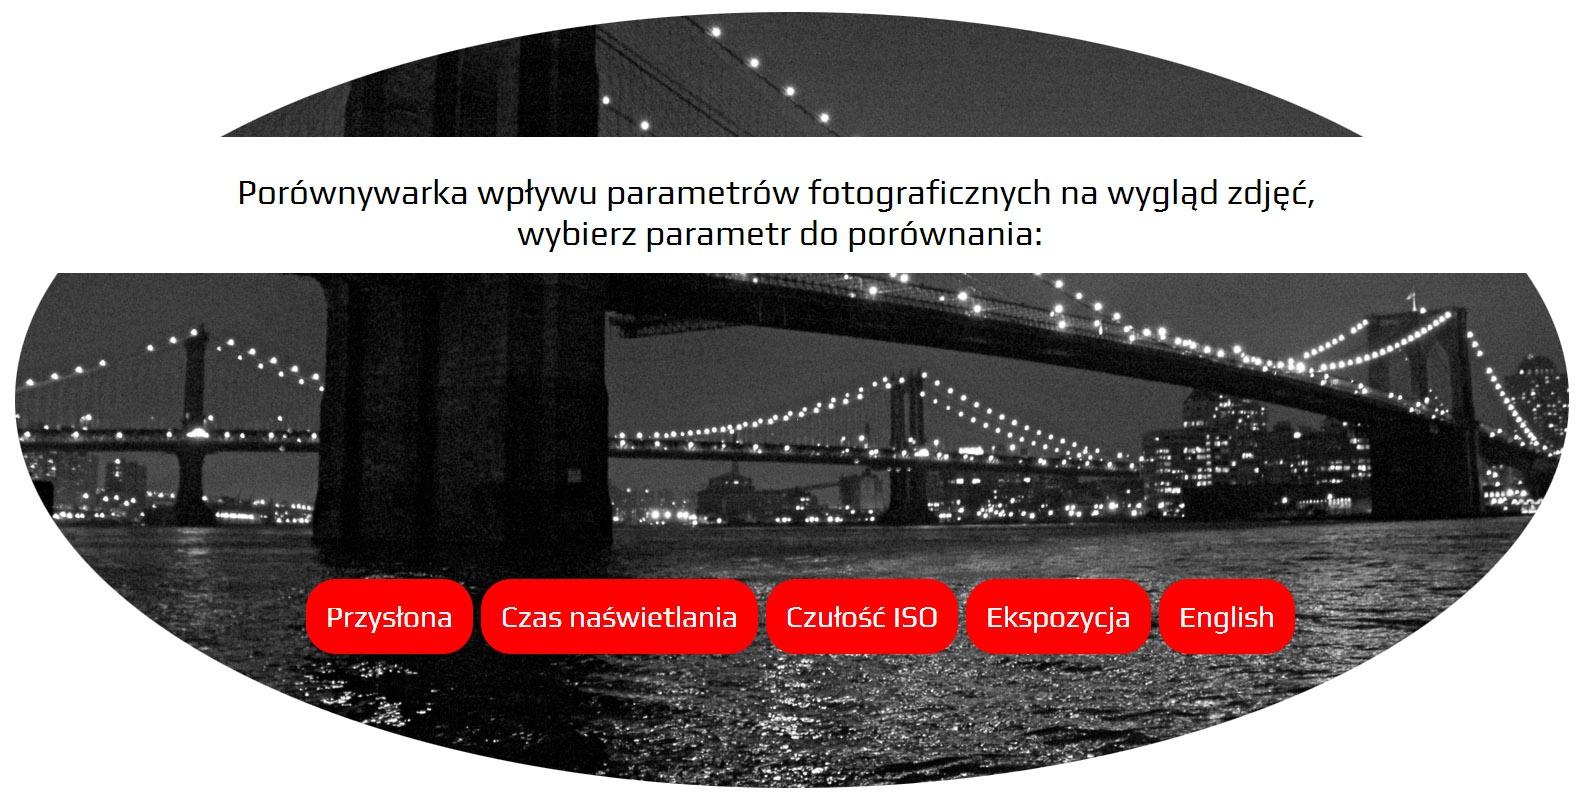 Porównywarka parametrów fotograficznych